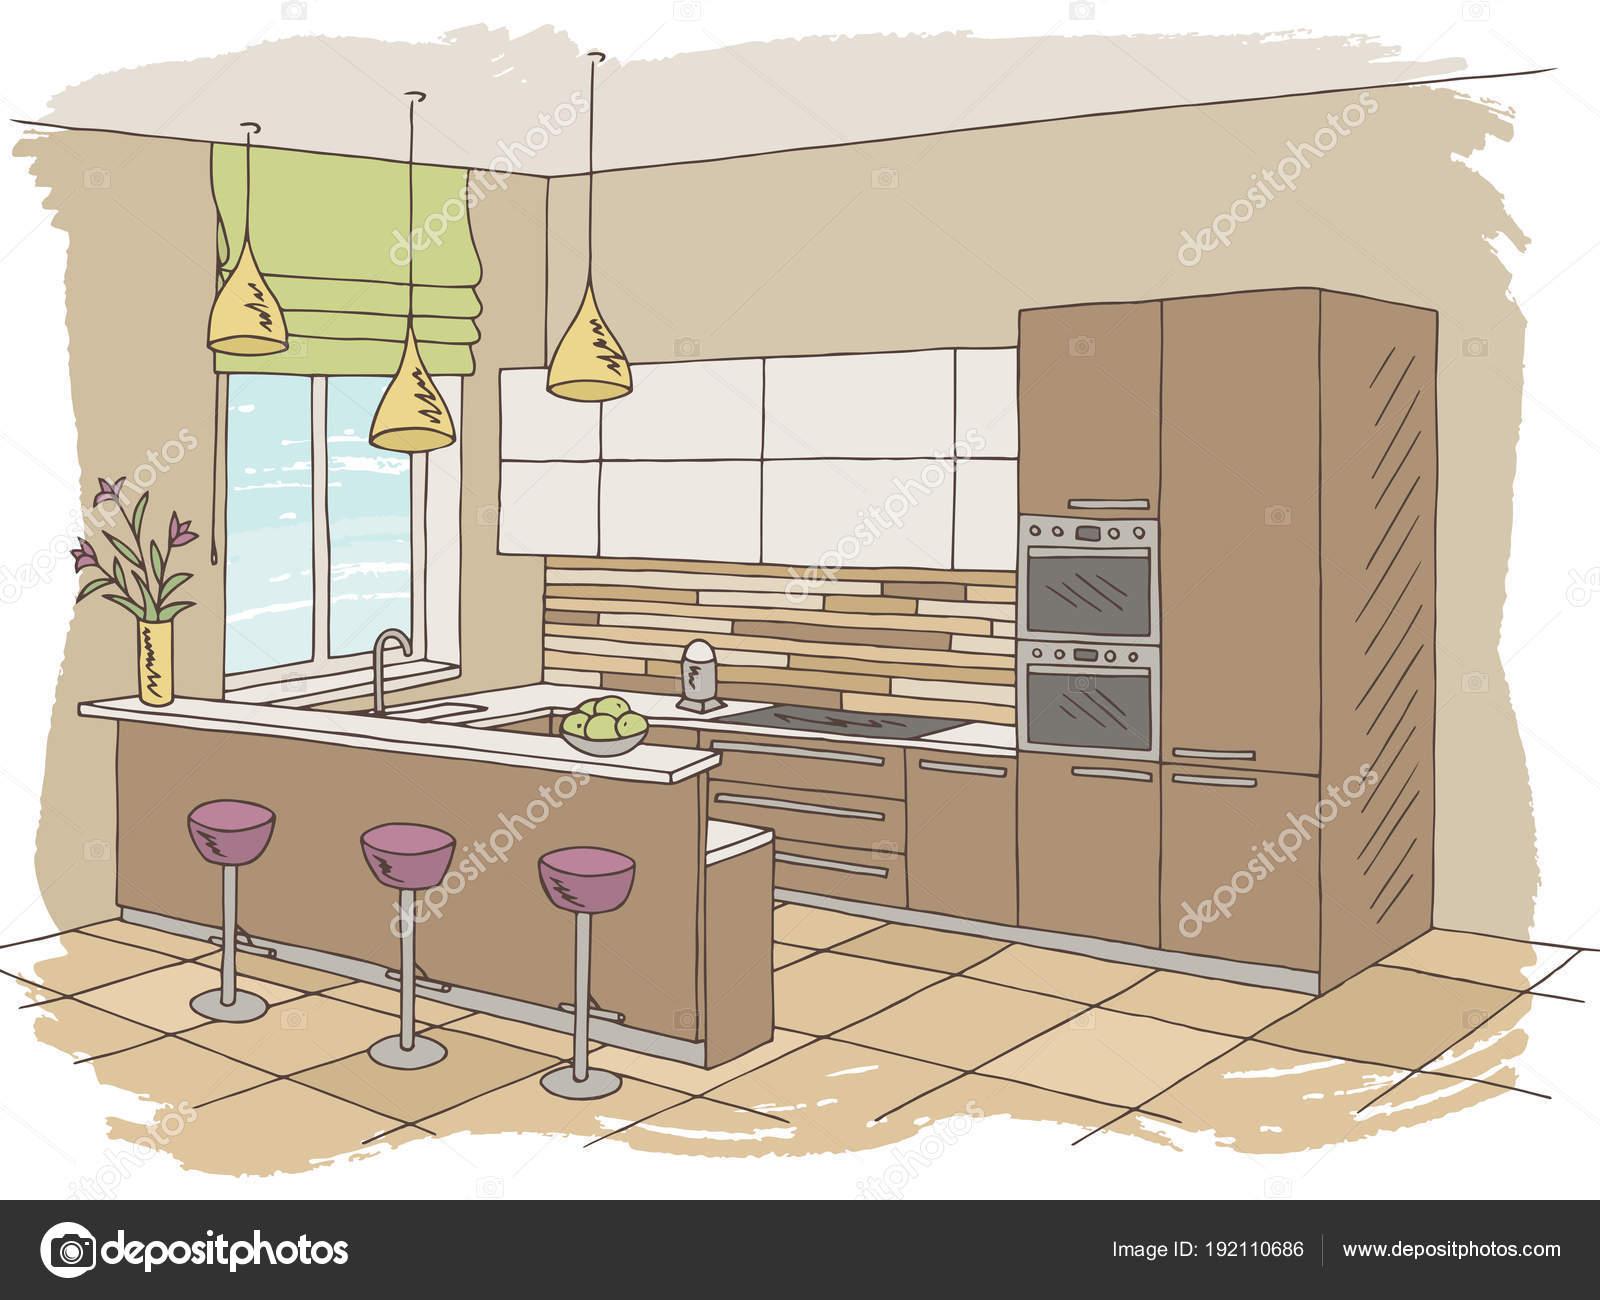 Küche Zimmer Innenfarbe grafik Illustration Vektor skizzieren ...